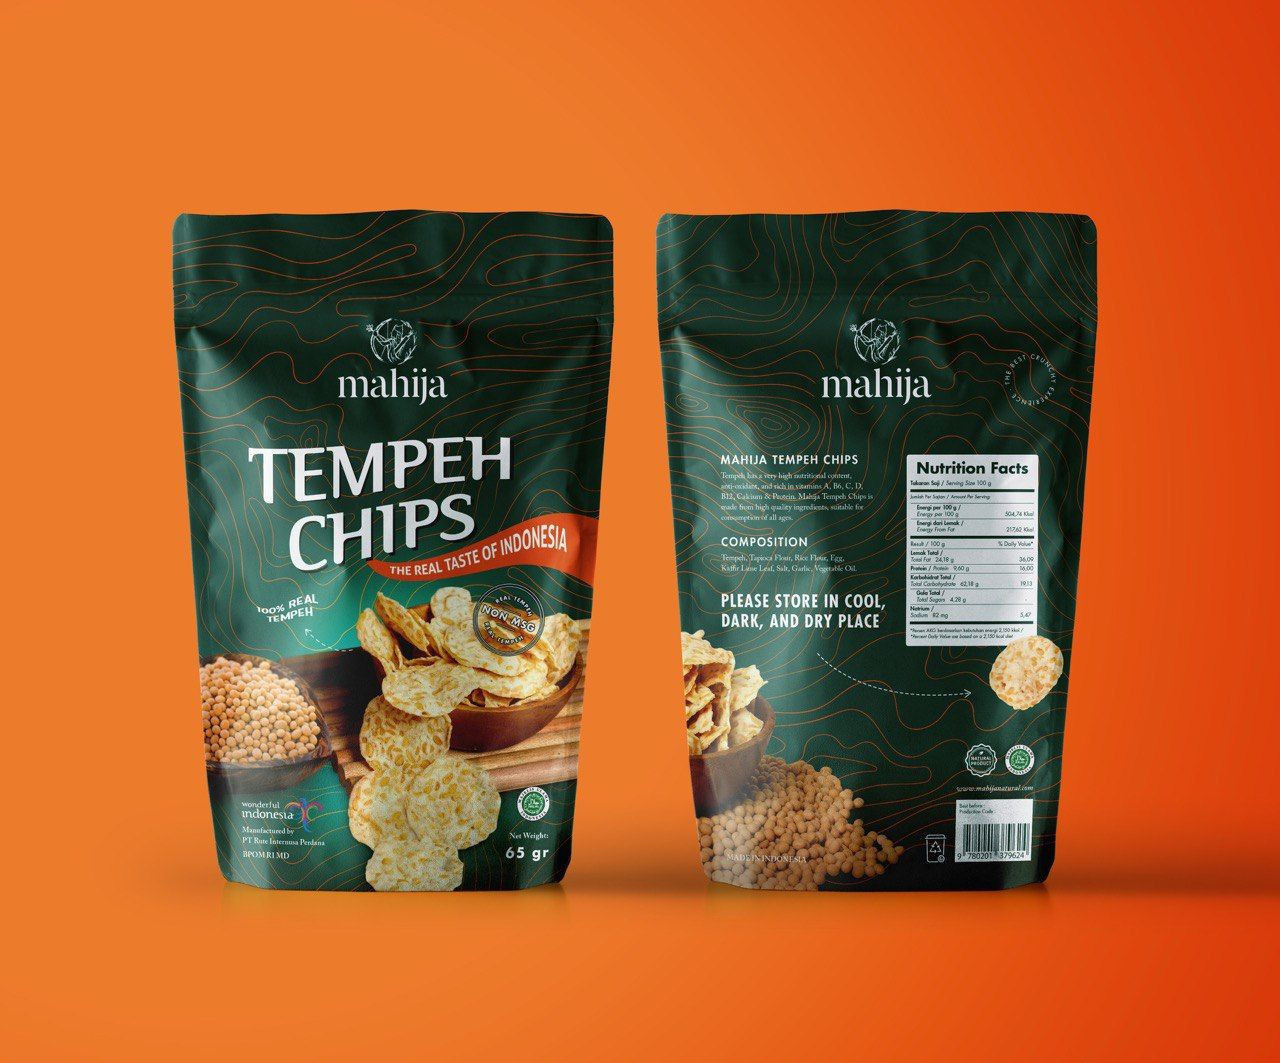 Mahija Tempeh Chips